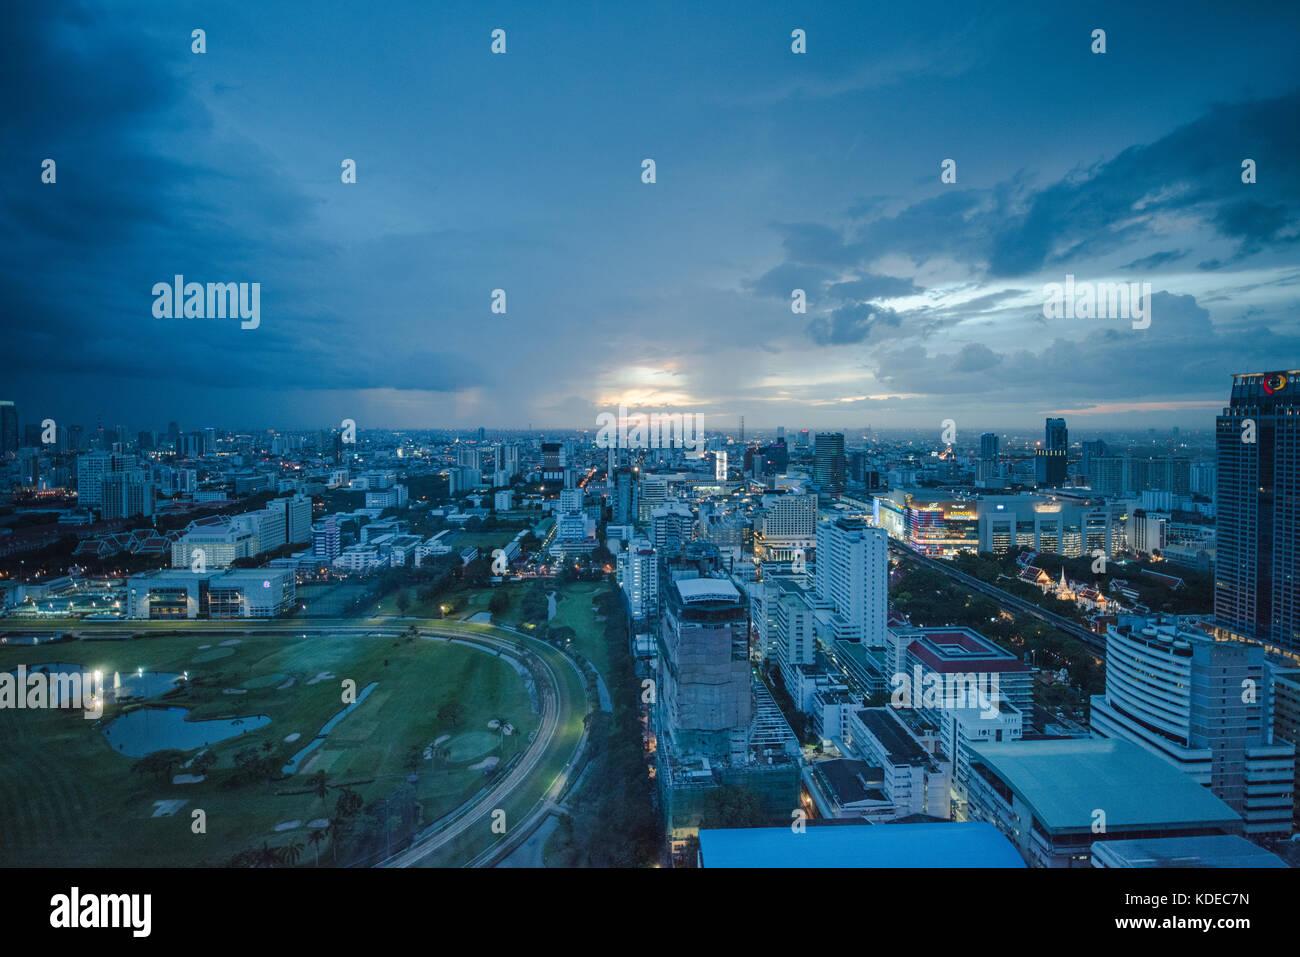 View over Bangkok, Thailand at dusk - Stock Image